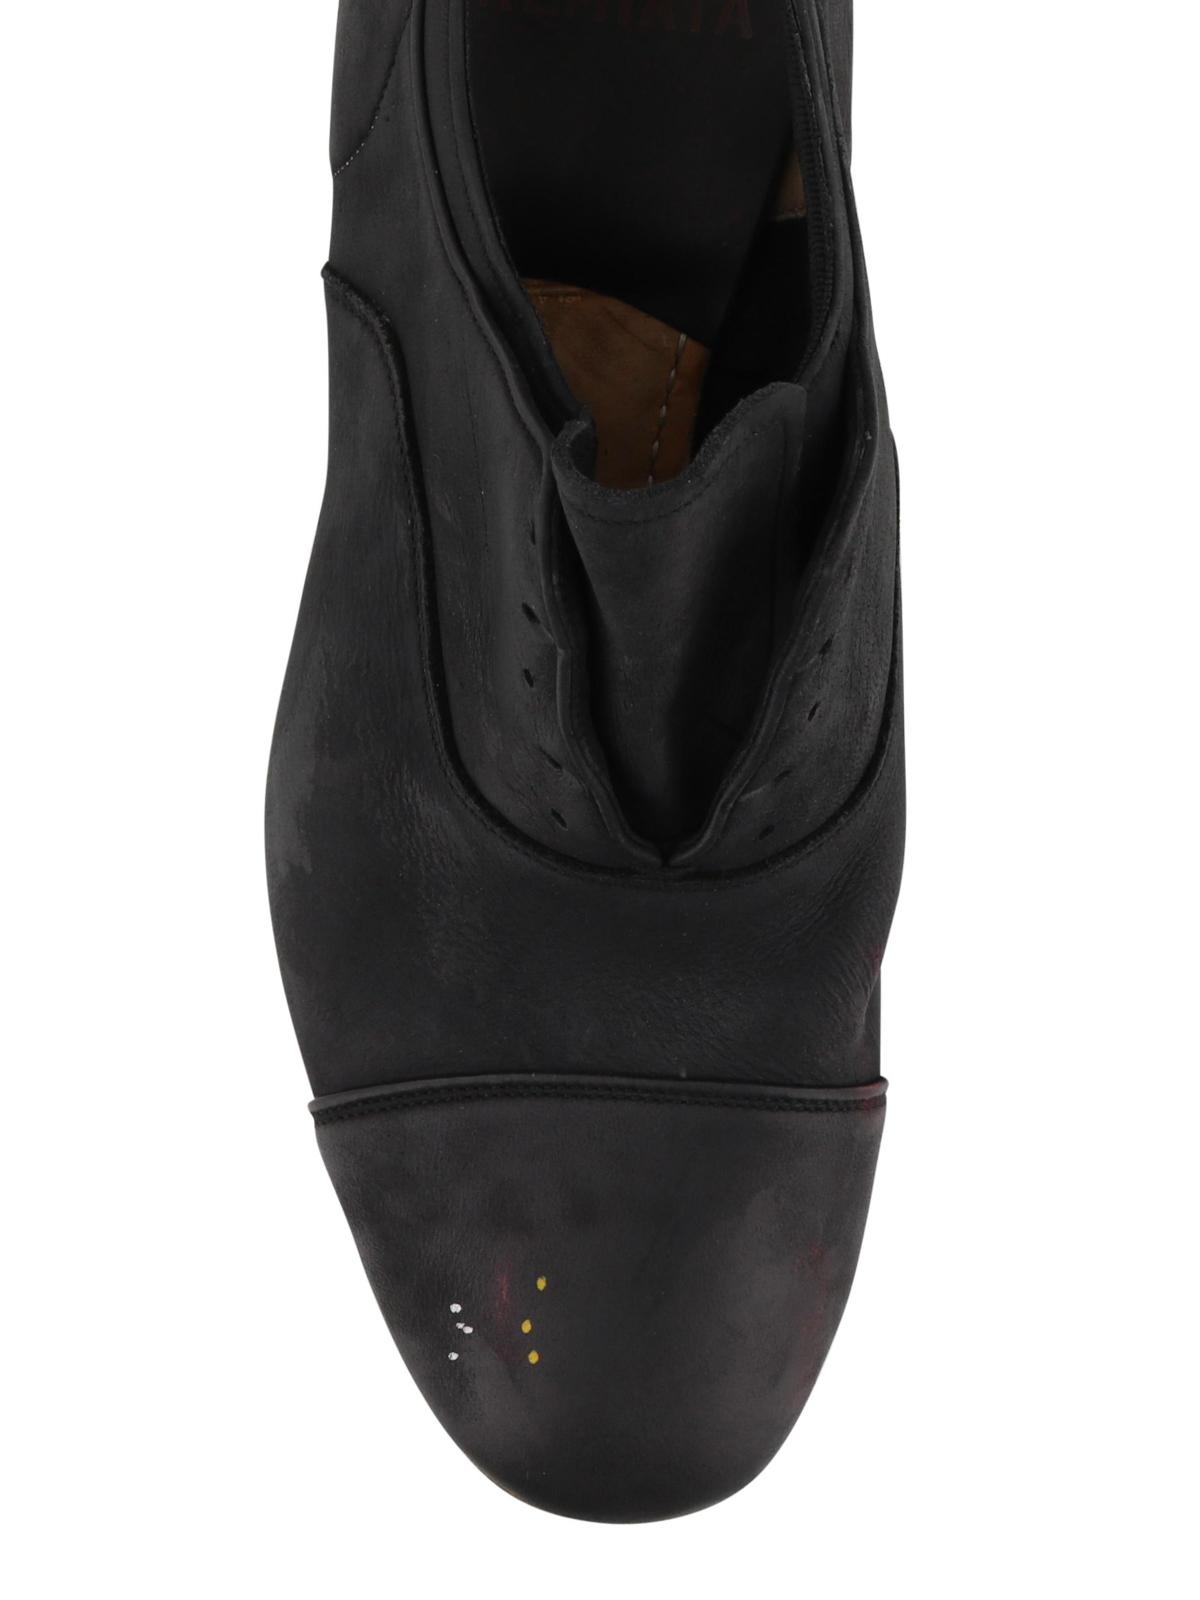 nuovo stile di vita vendita scontata più recente Premiata - Scarpe Oxford senza lacci - scarpe stringate - PREMI753